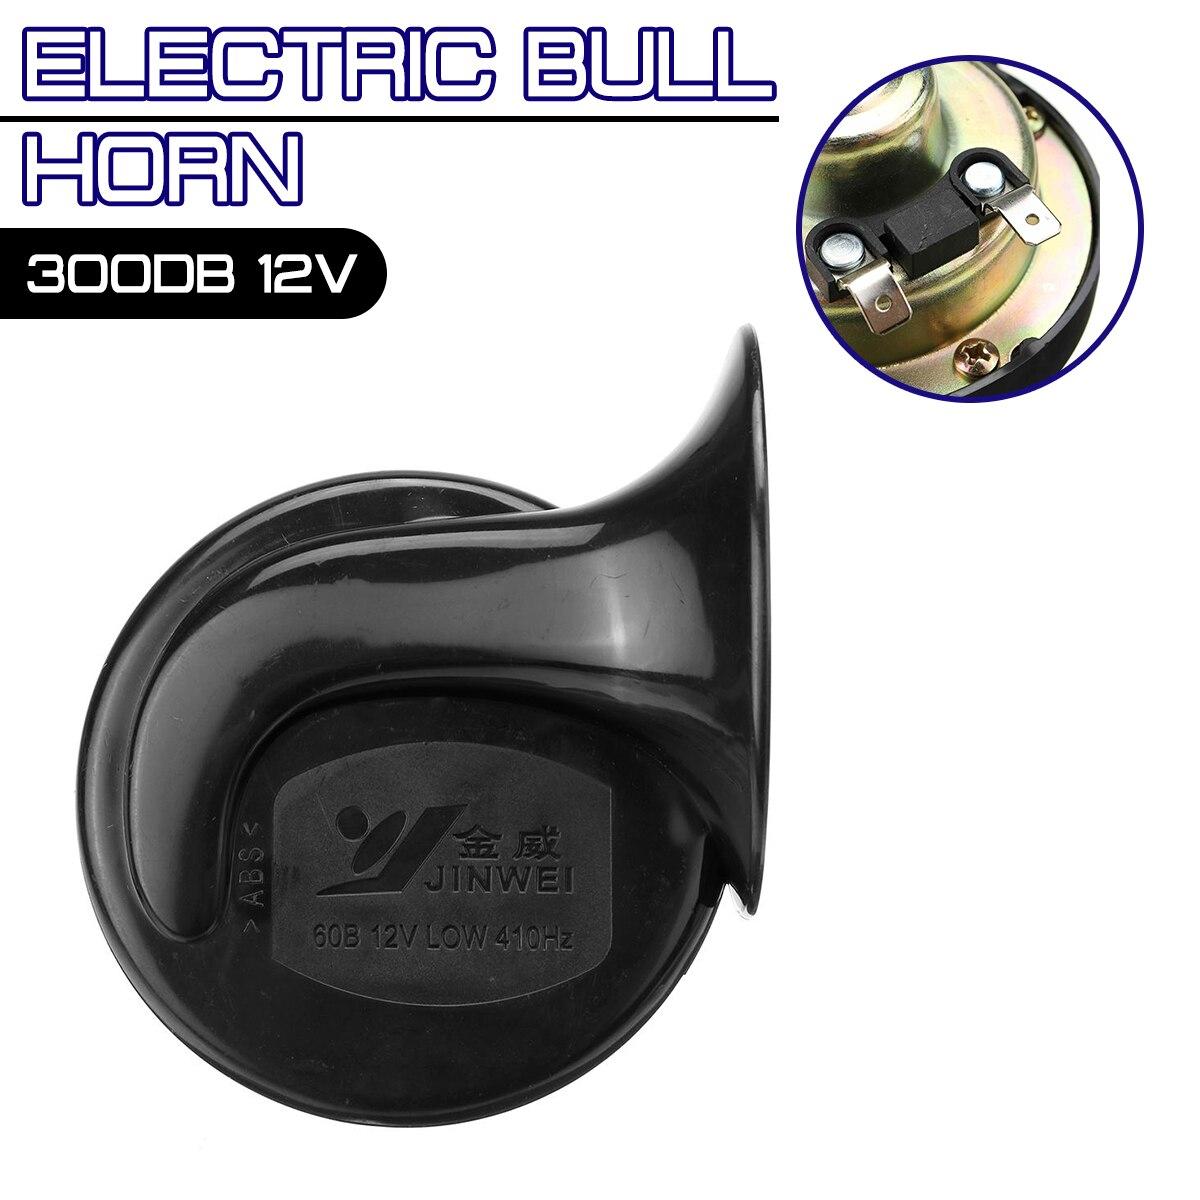 Универсальный 12V 300db громкий Водонепроницаемый Электрический Улитка воздушный рожок оригинальность звук для автомобилей, мотоциклов, груз...